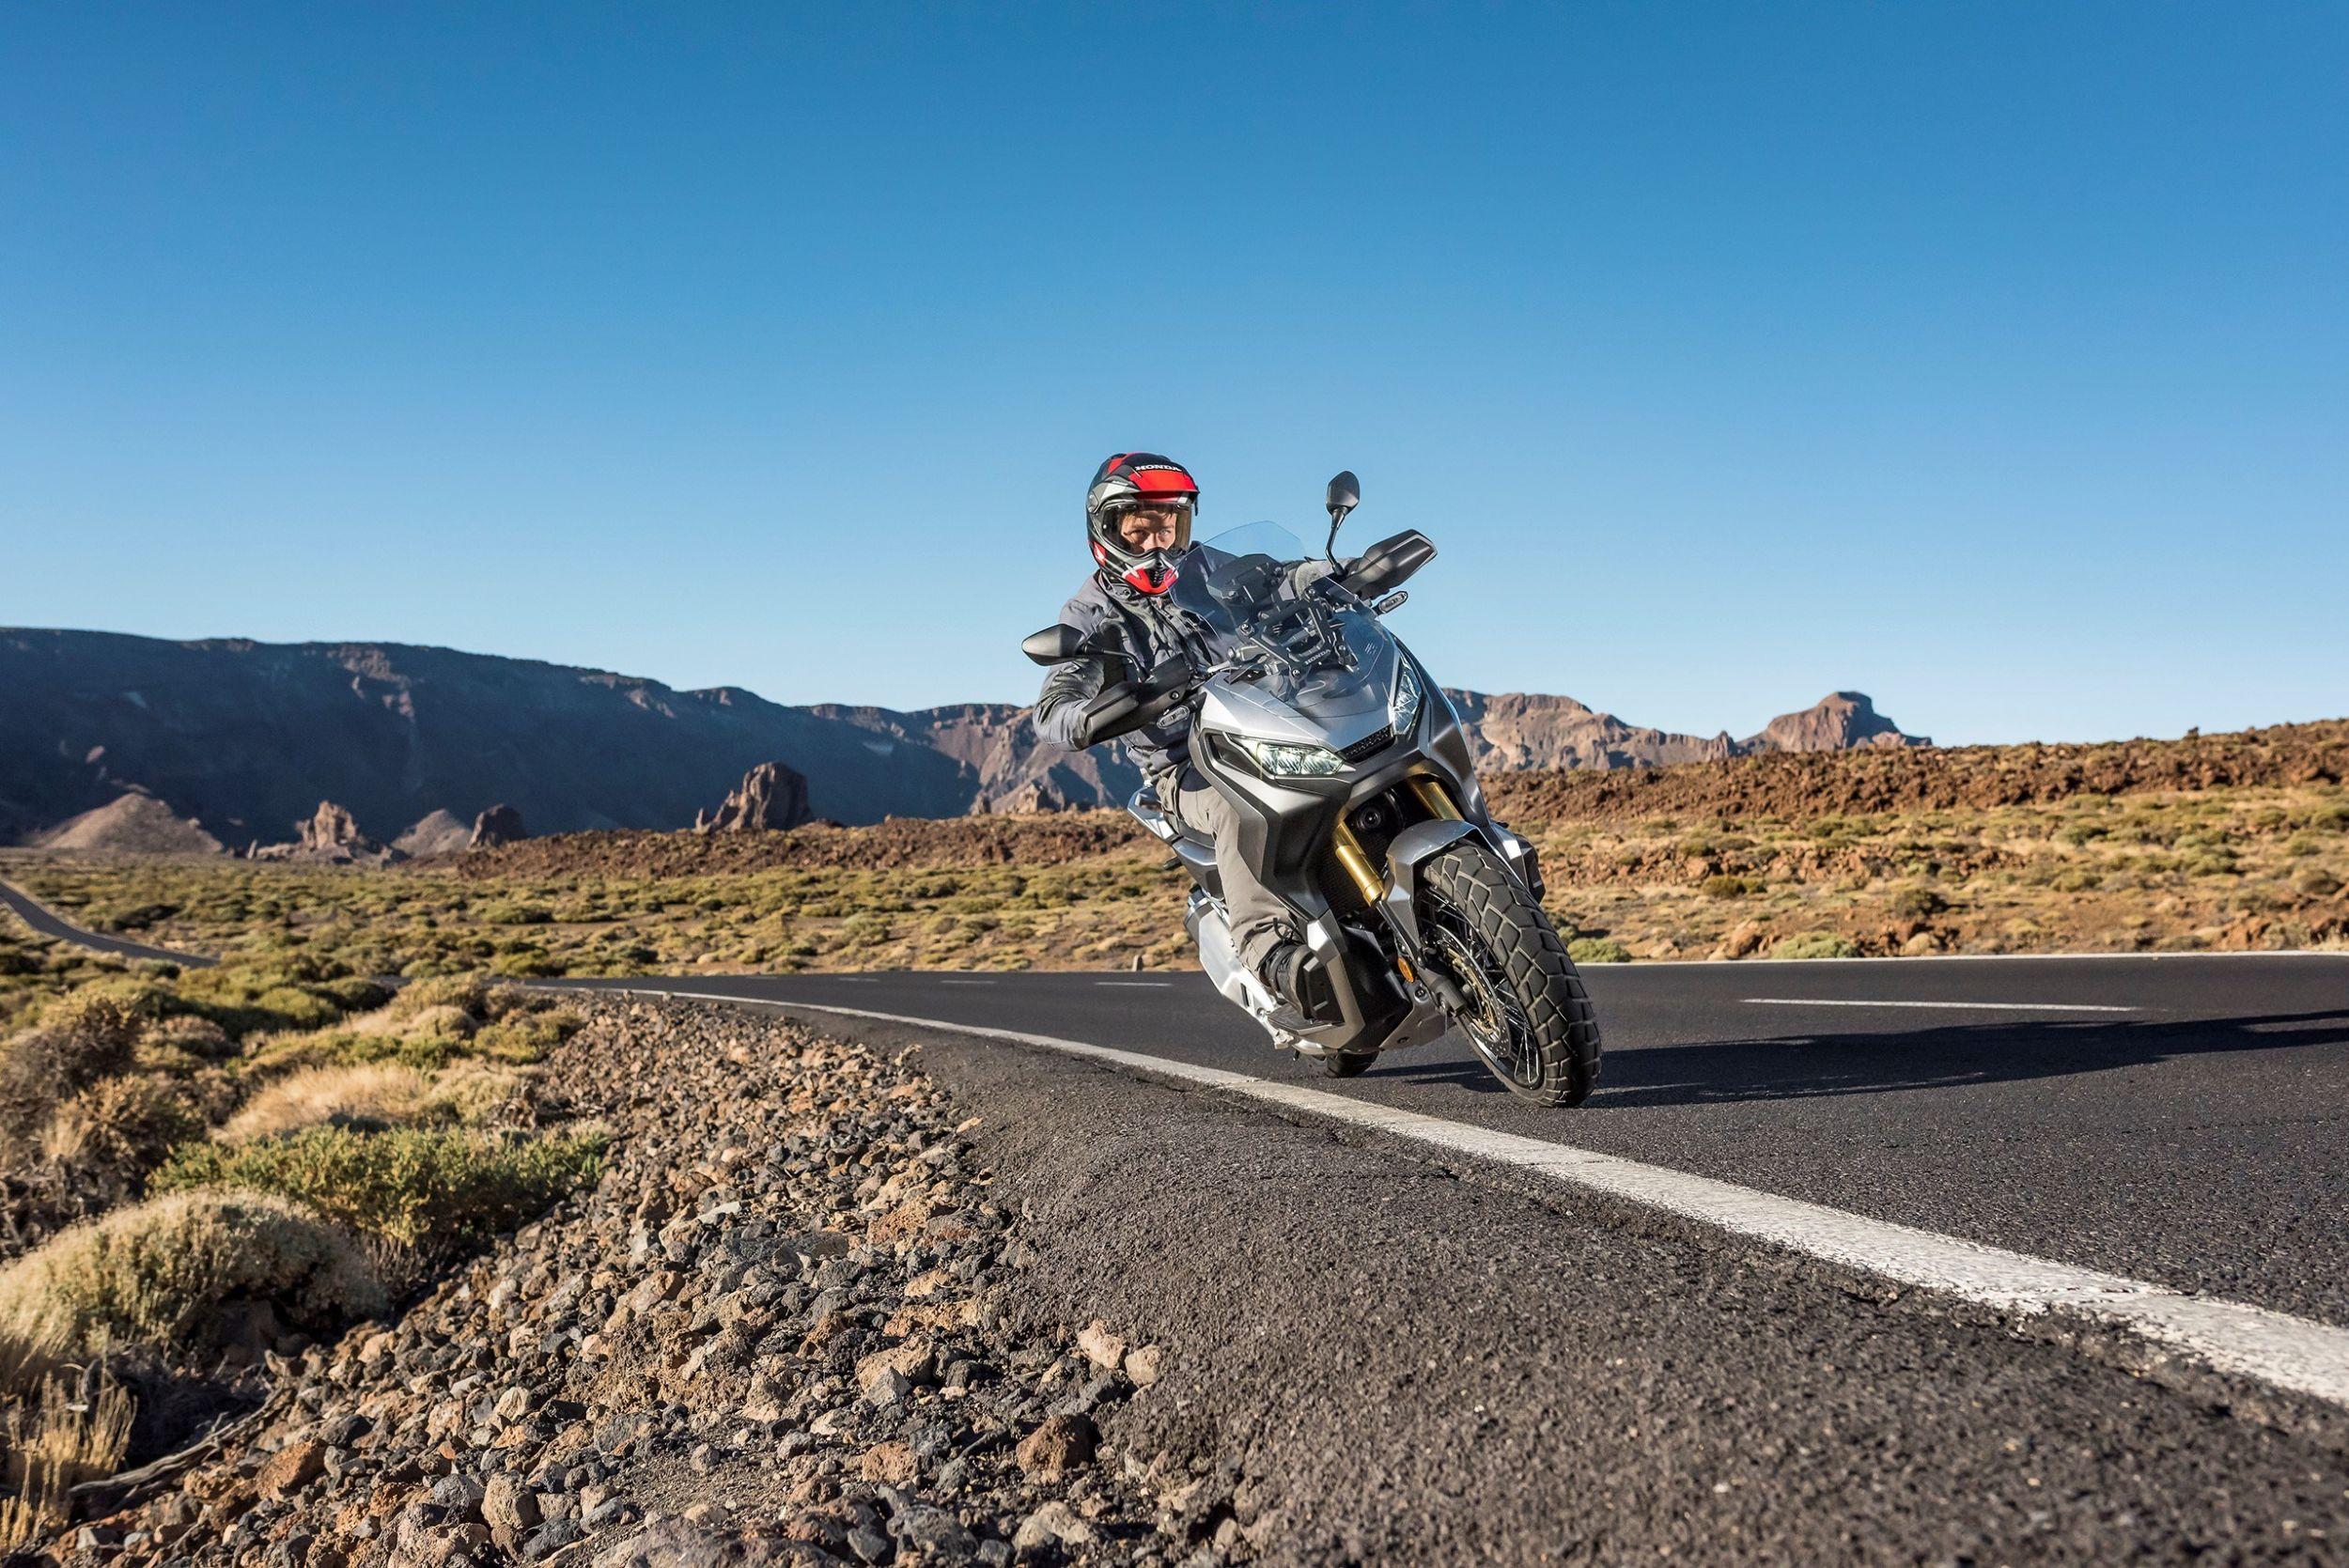 Gebrauchte Honda X ADV Motorrader Kaufen